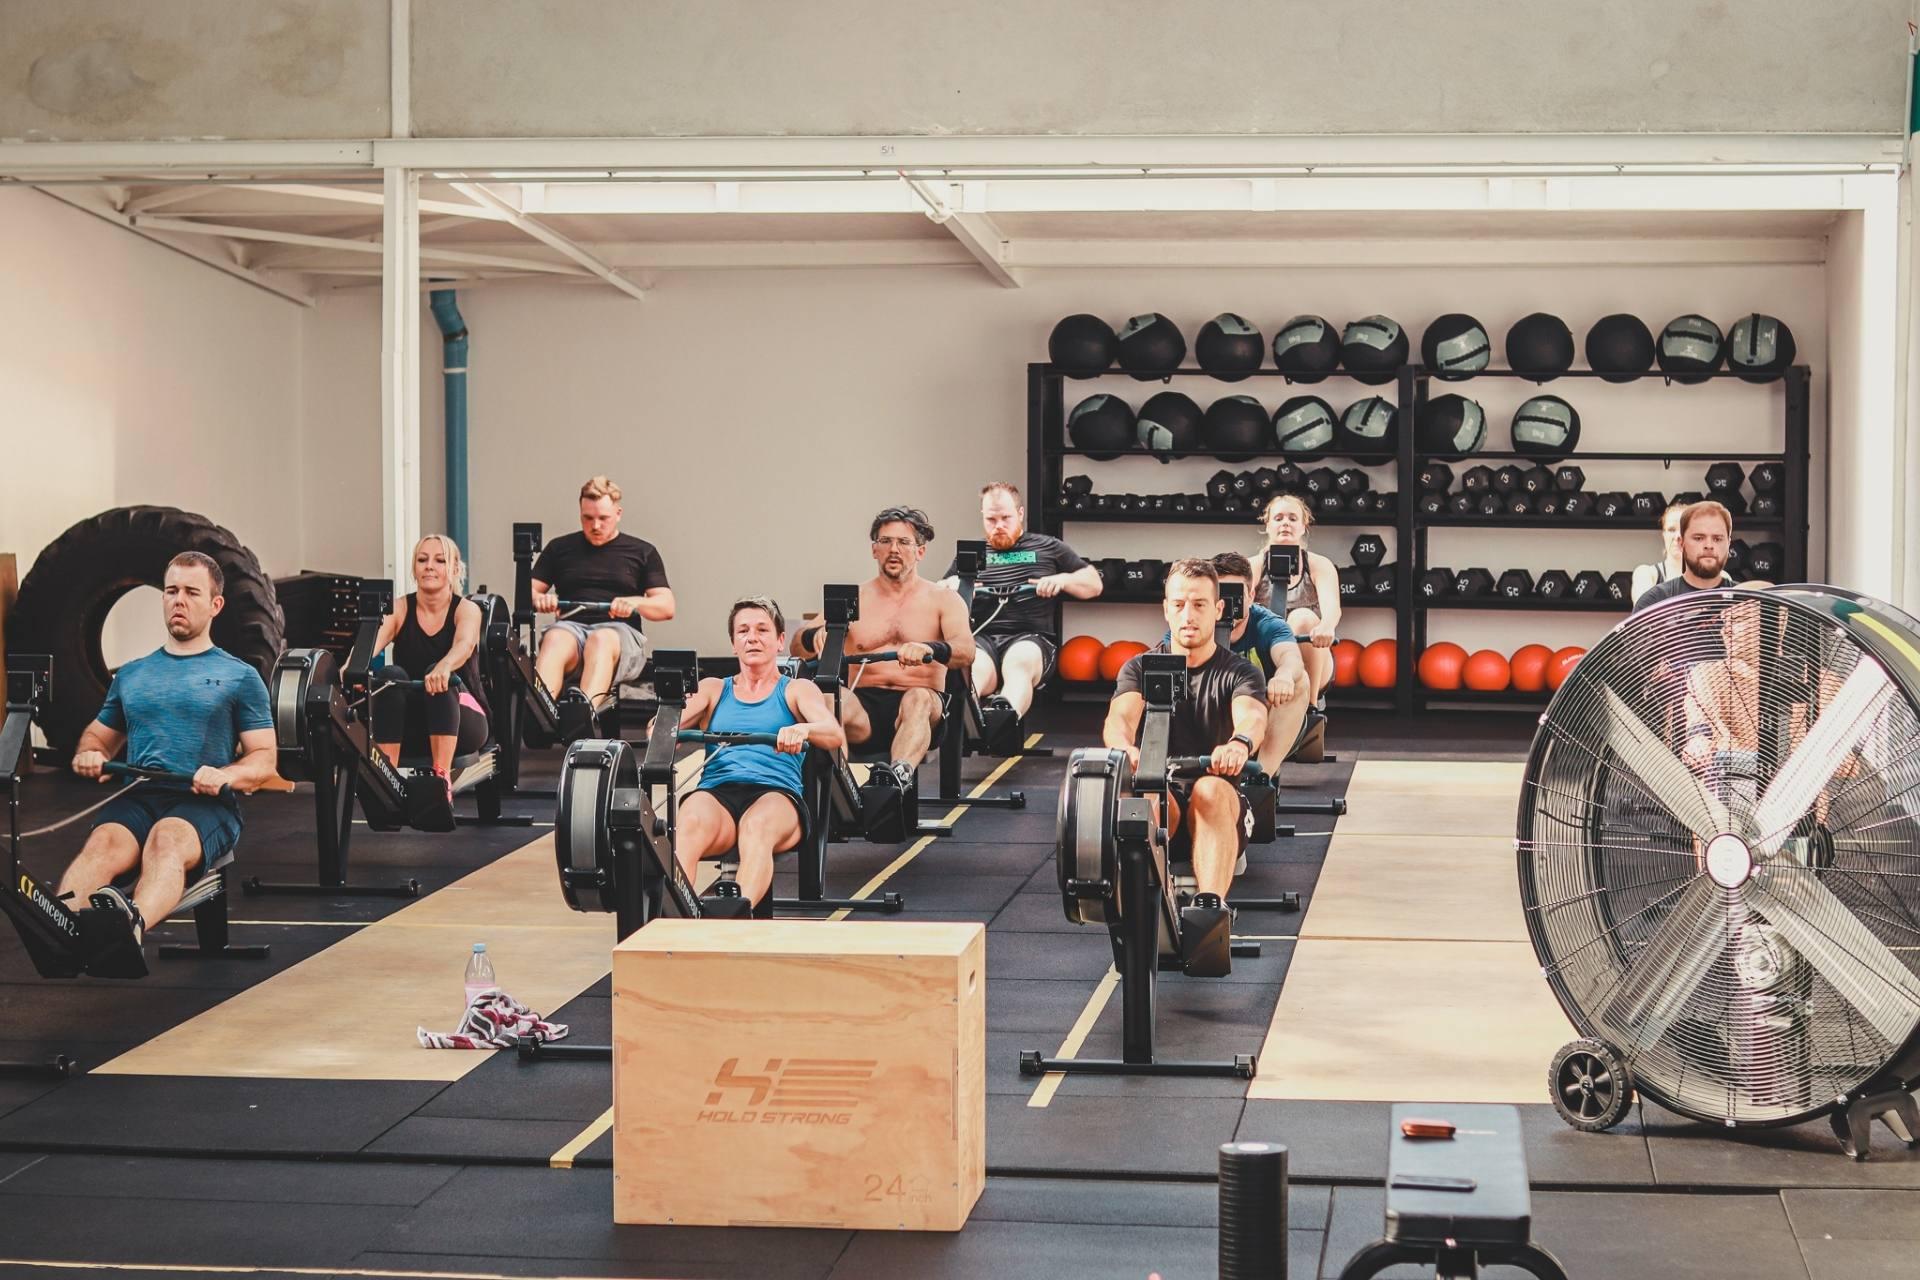 Sportler machen ein Ruderworkout